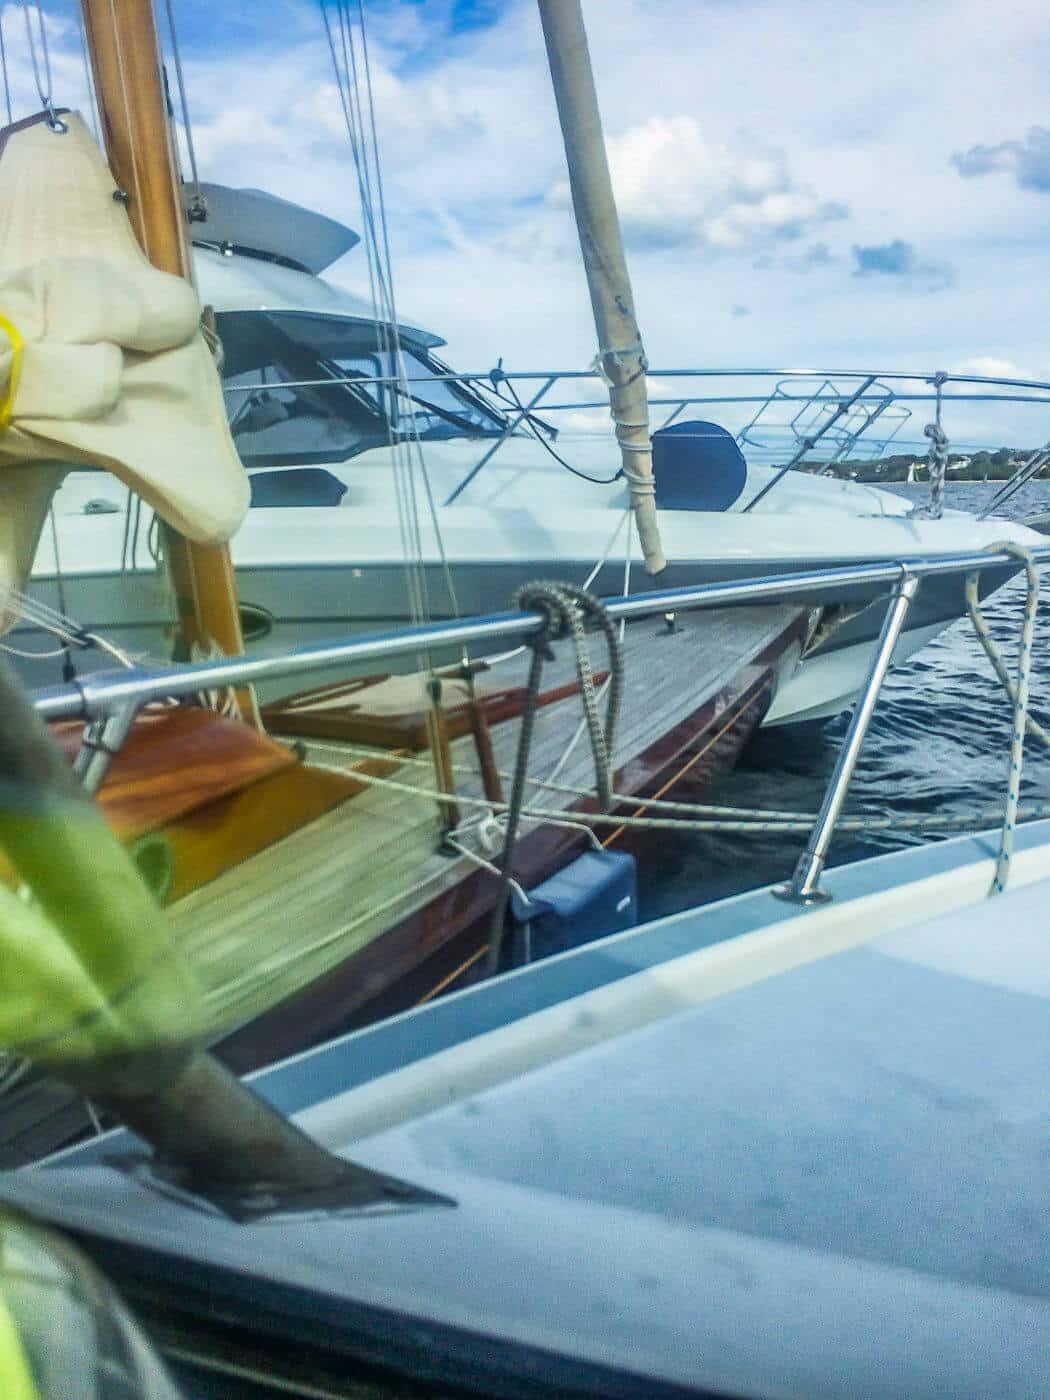 eahelp Ostsee trennt ineinander verkeilte Sportboote